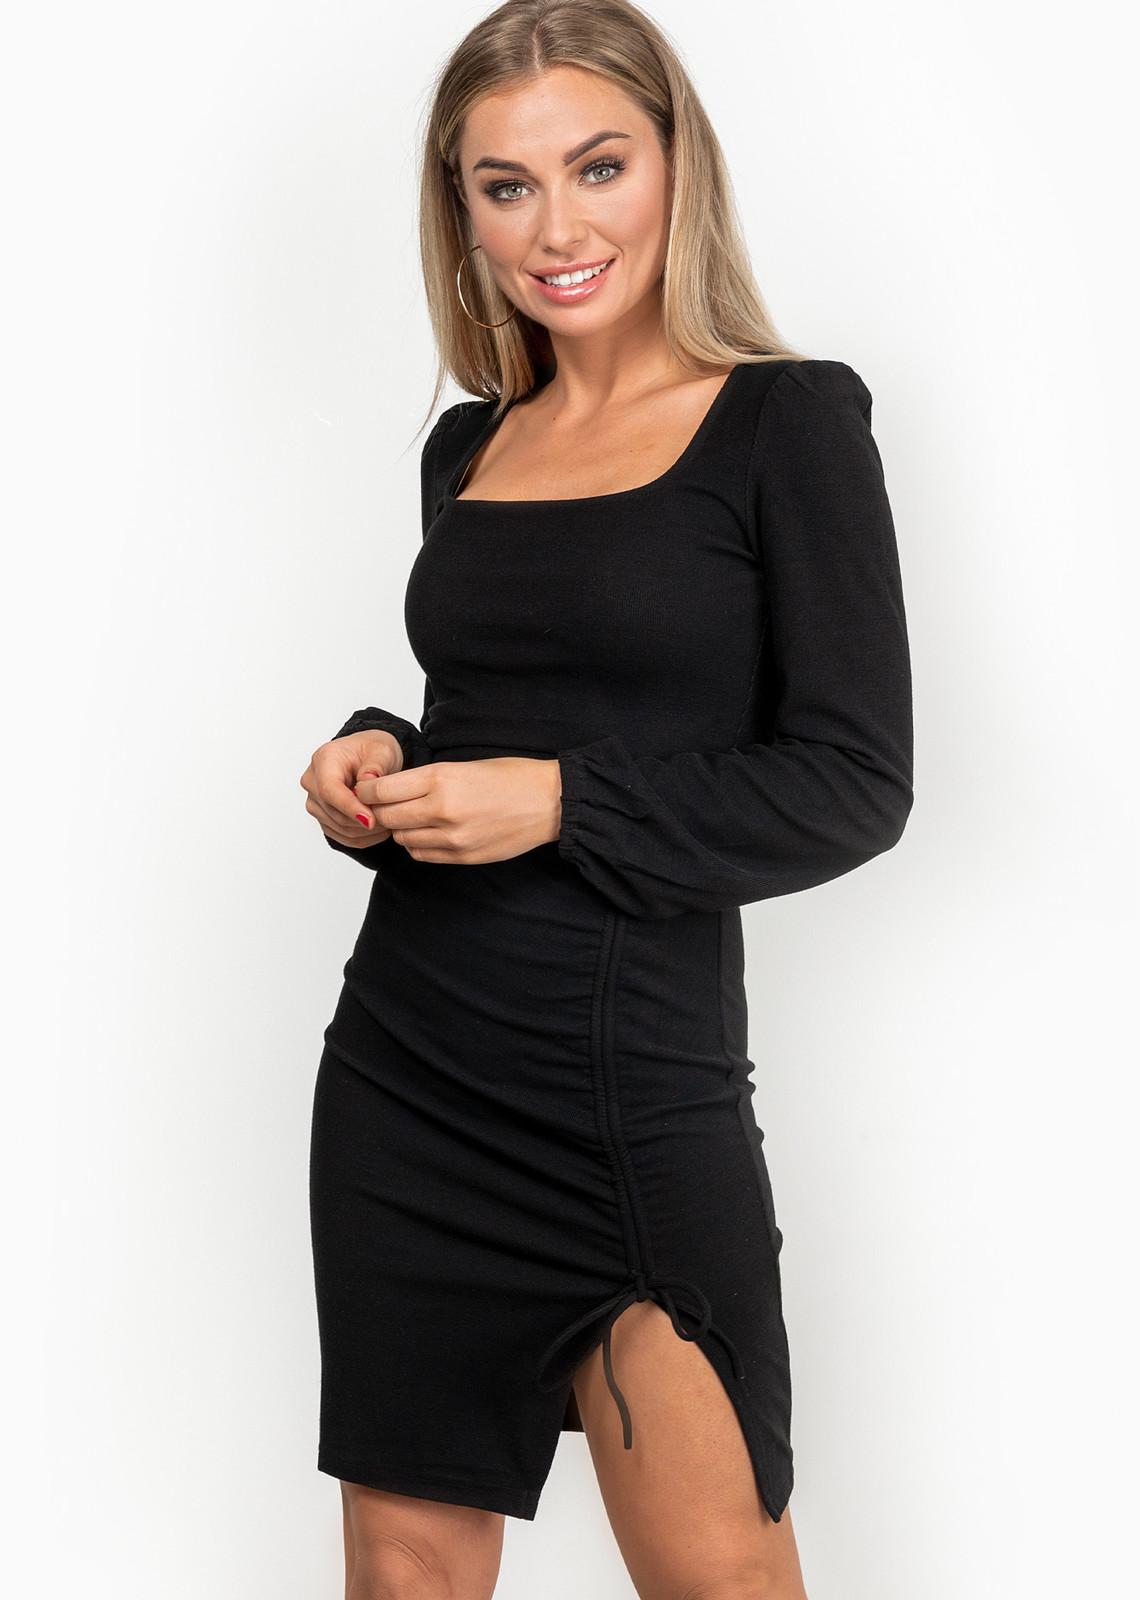 Rib jurk Roxi zwart